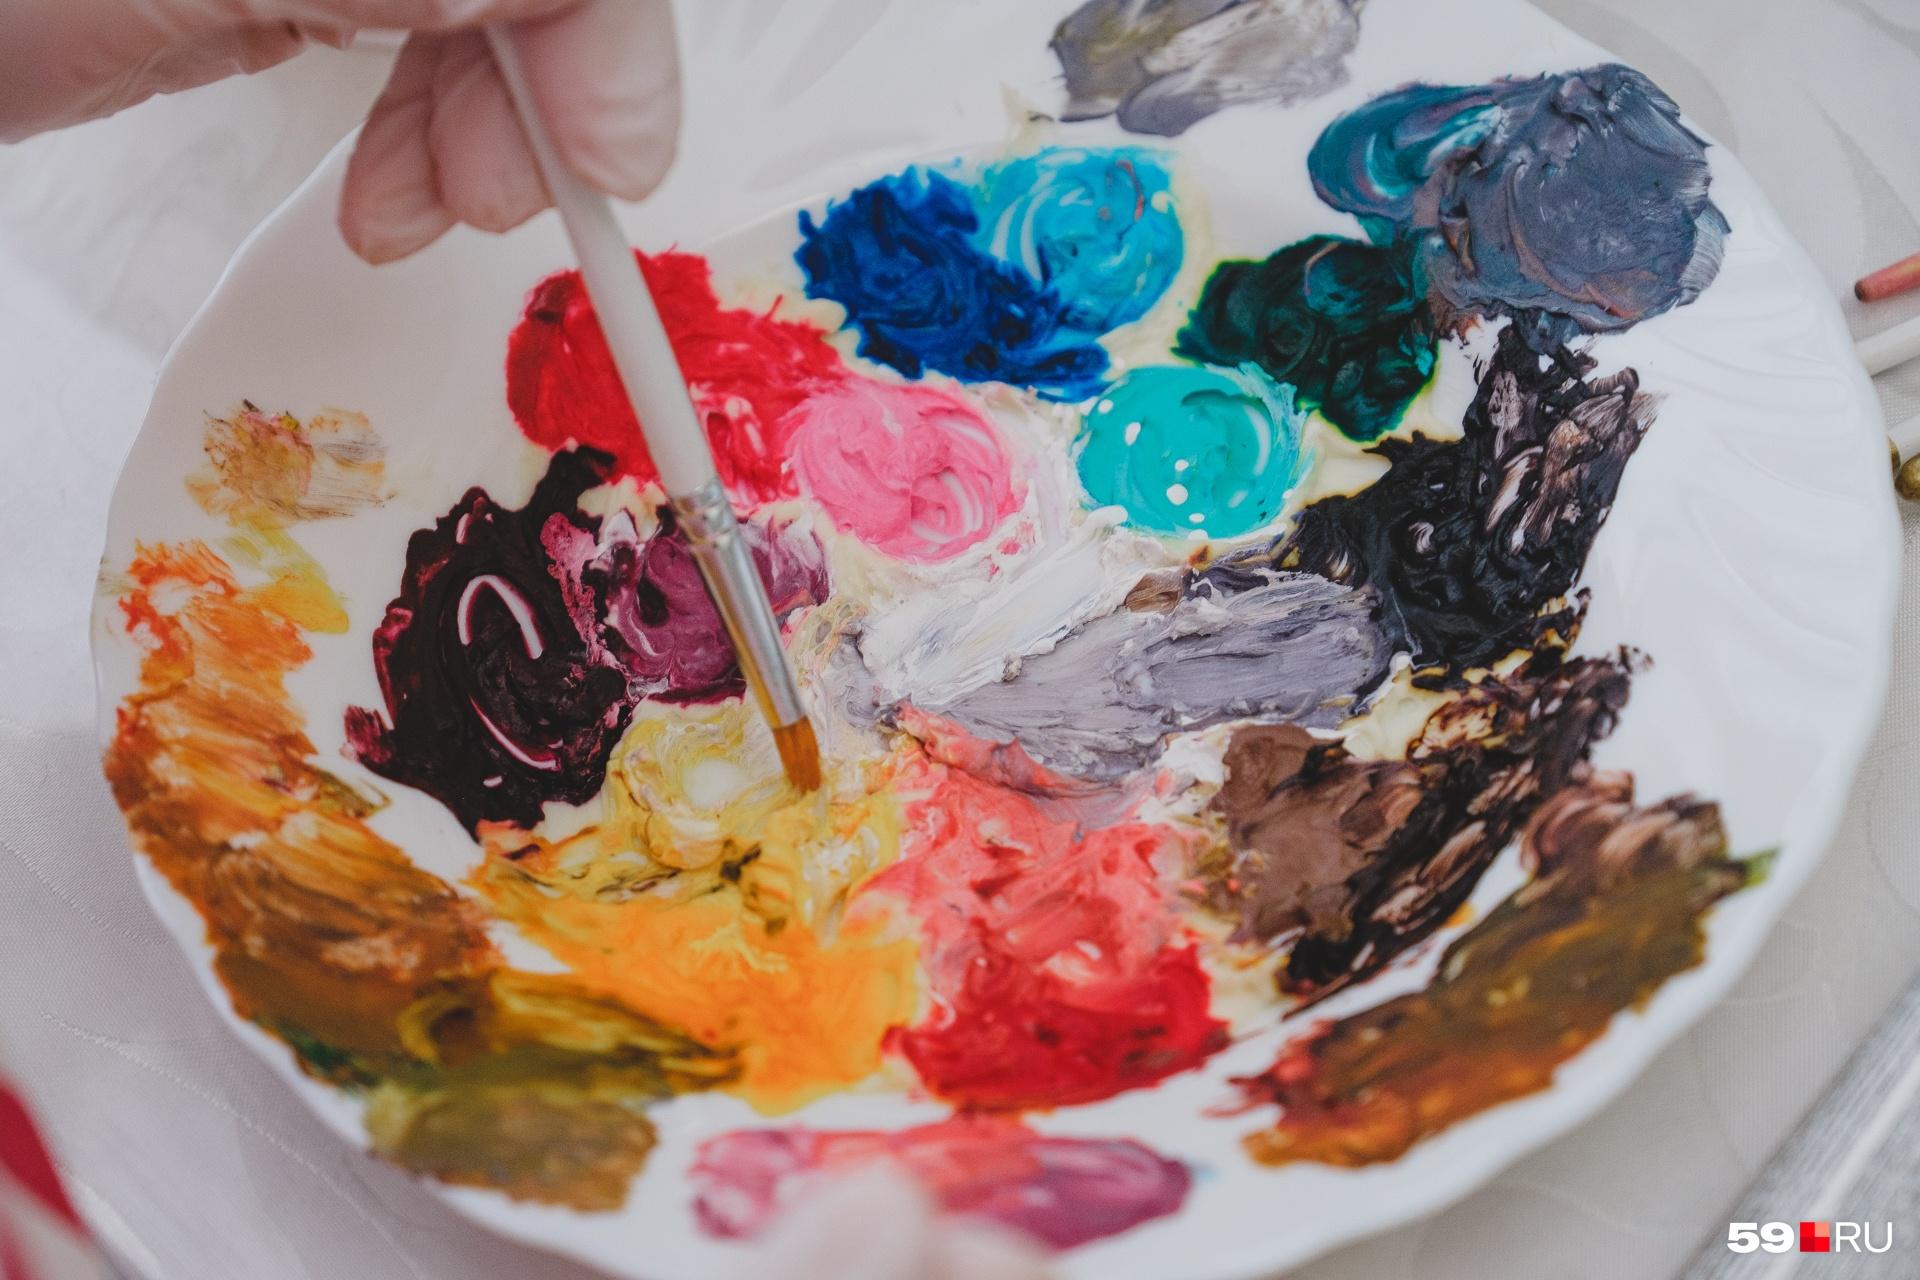 Вместо красок кондитер использует крем с пищевыми красителями